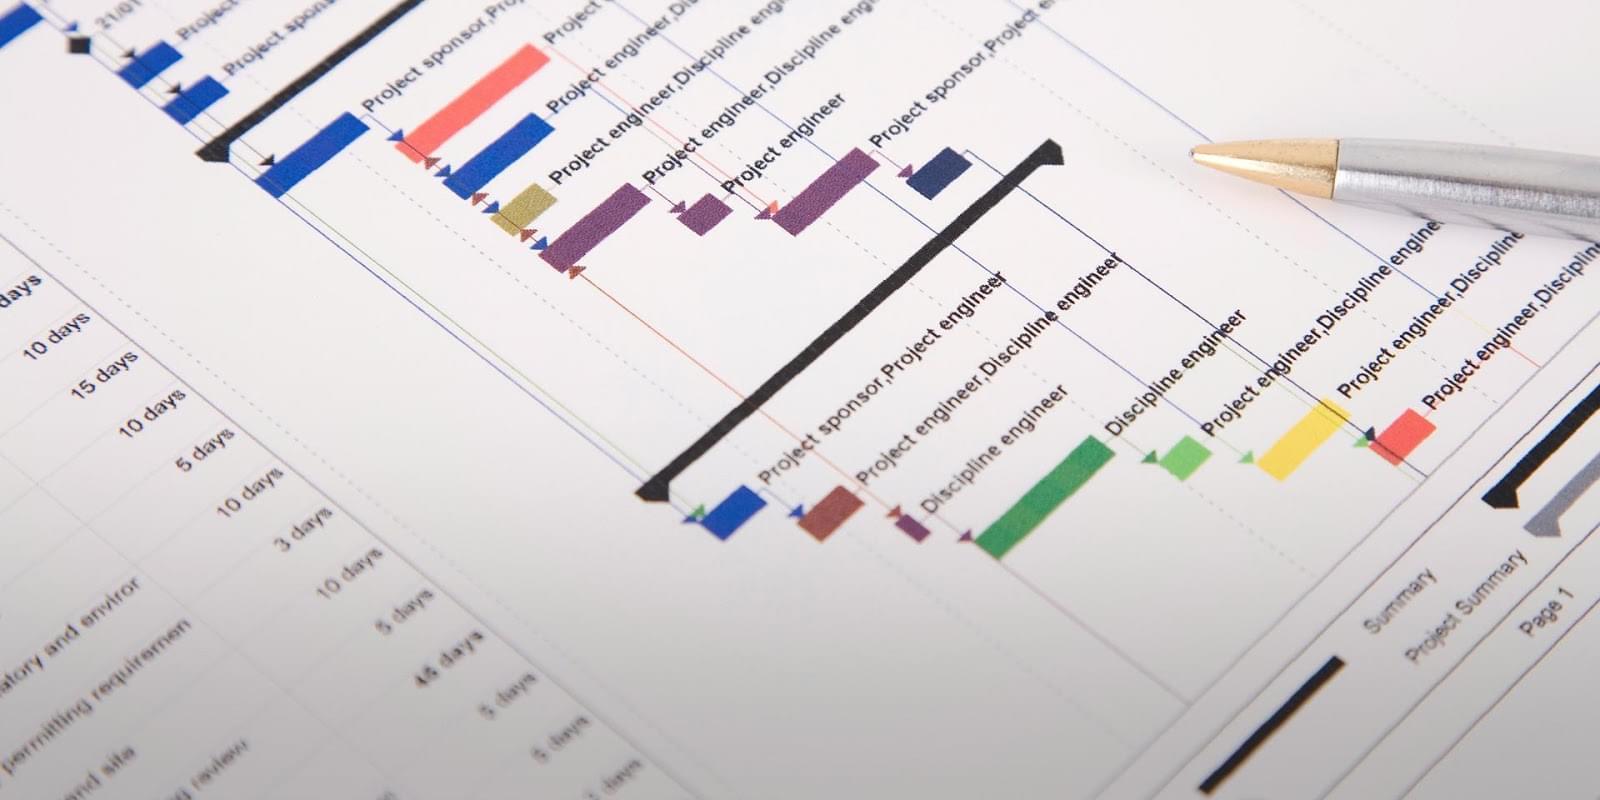 GanttPro Gantt chart software